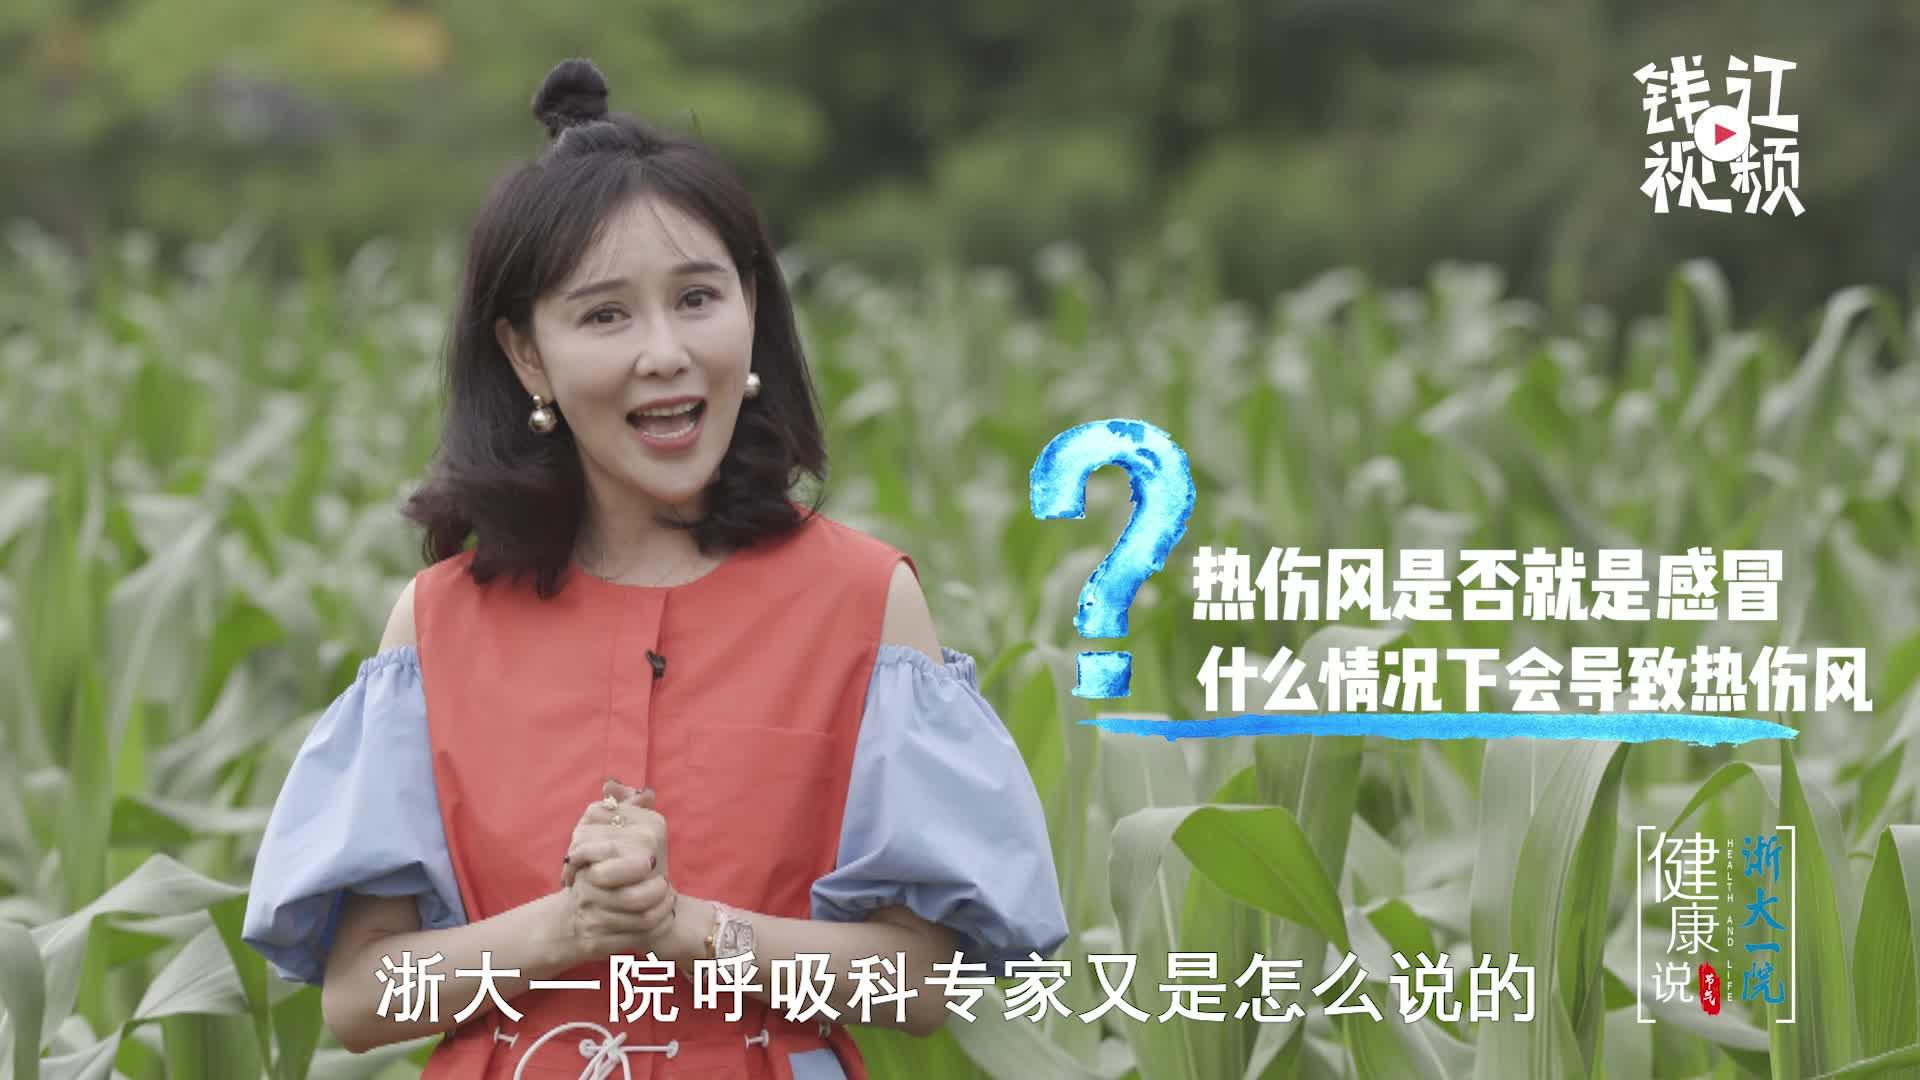 """【节气健康说·芒种】连收带种的季节 注意""""热伤风""""!"""